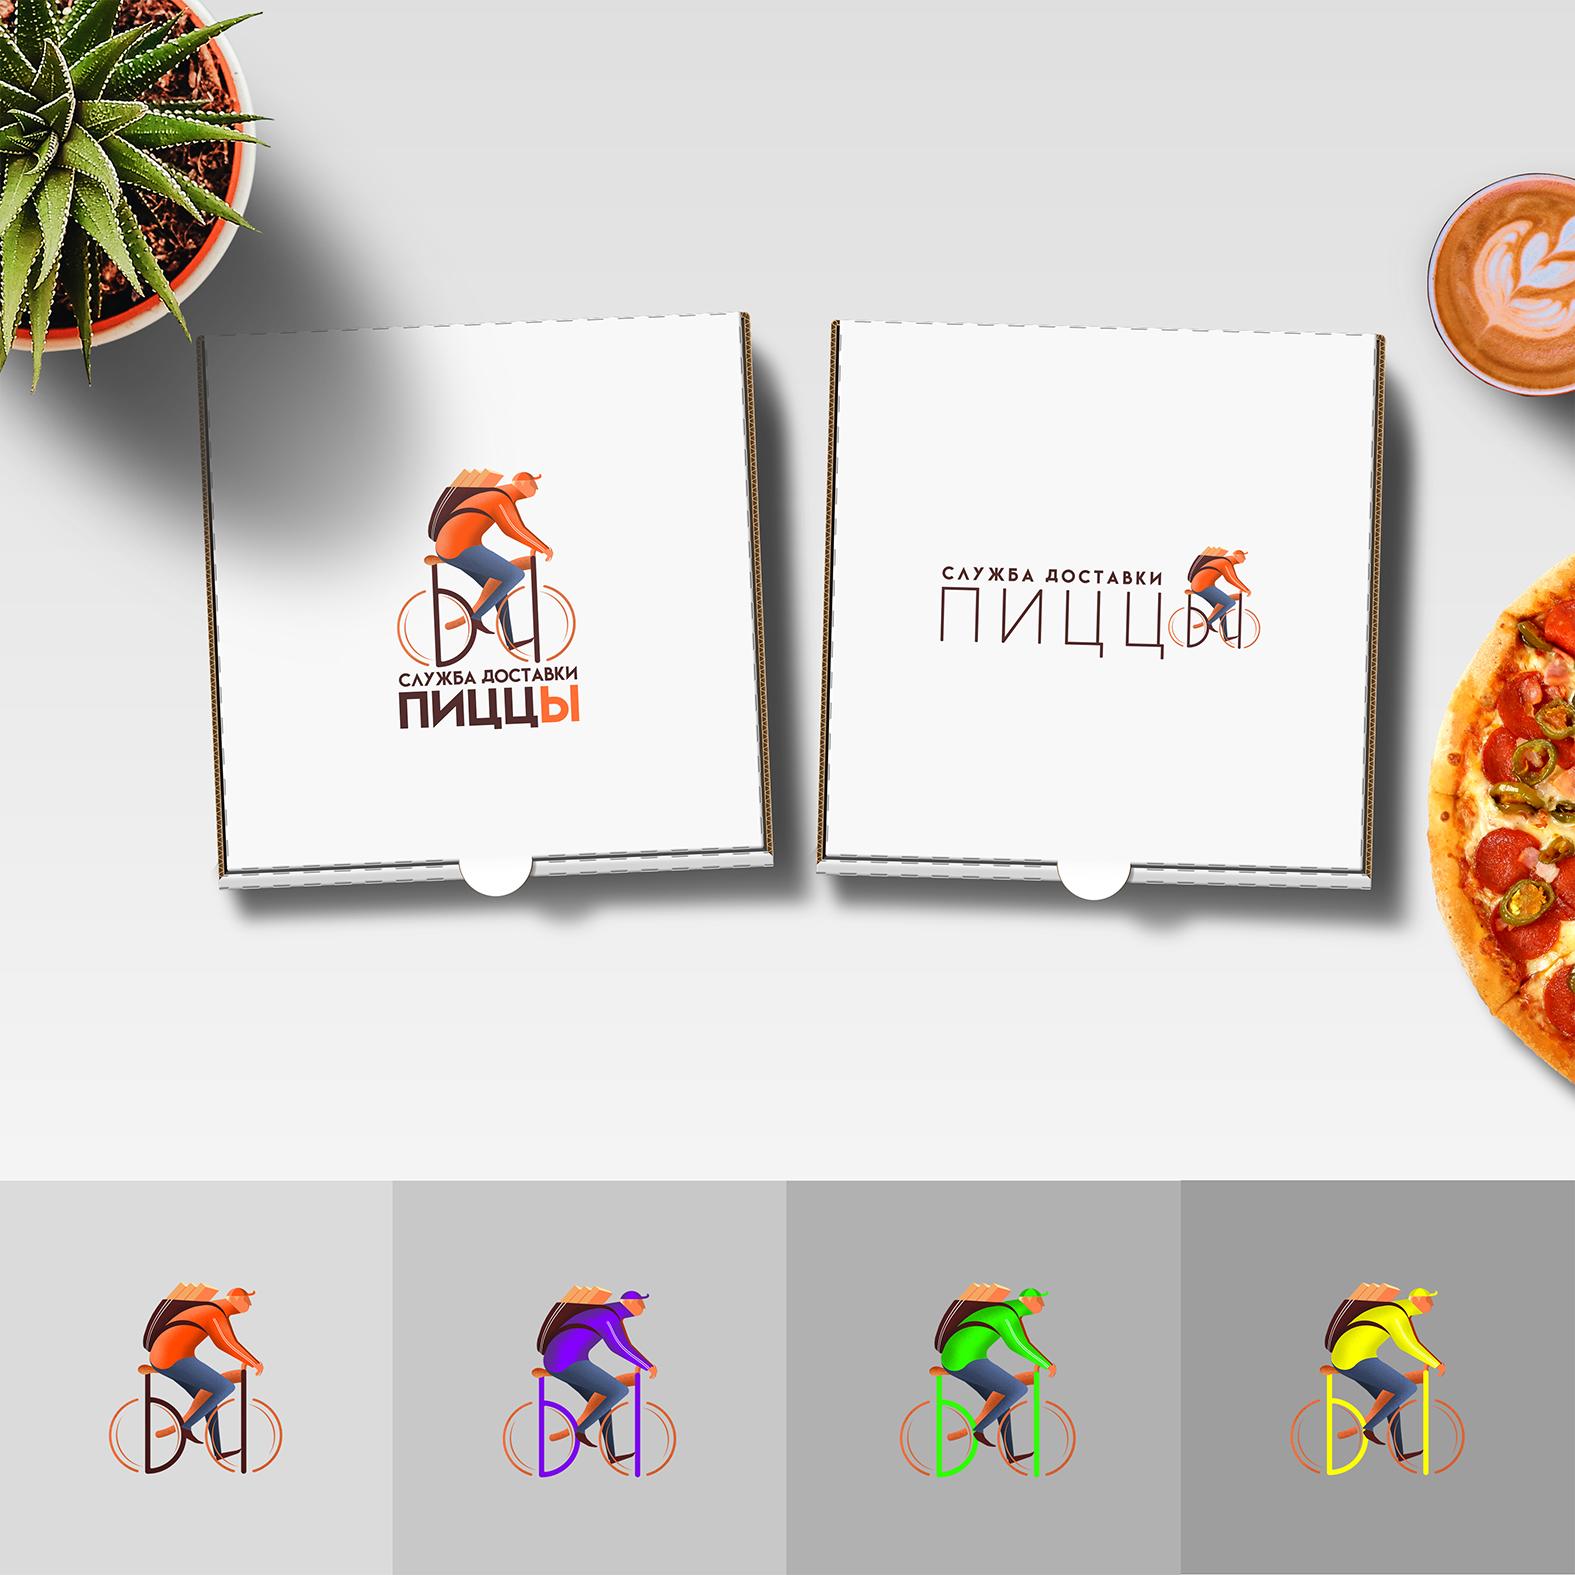 Разыскивается дизайнер для разработки лого службы доставки фото f_1885c35e42d5d771.png